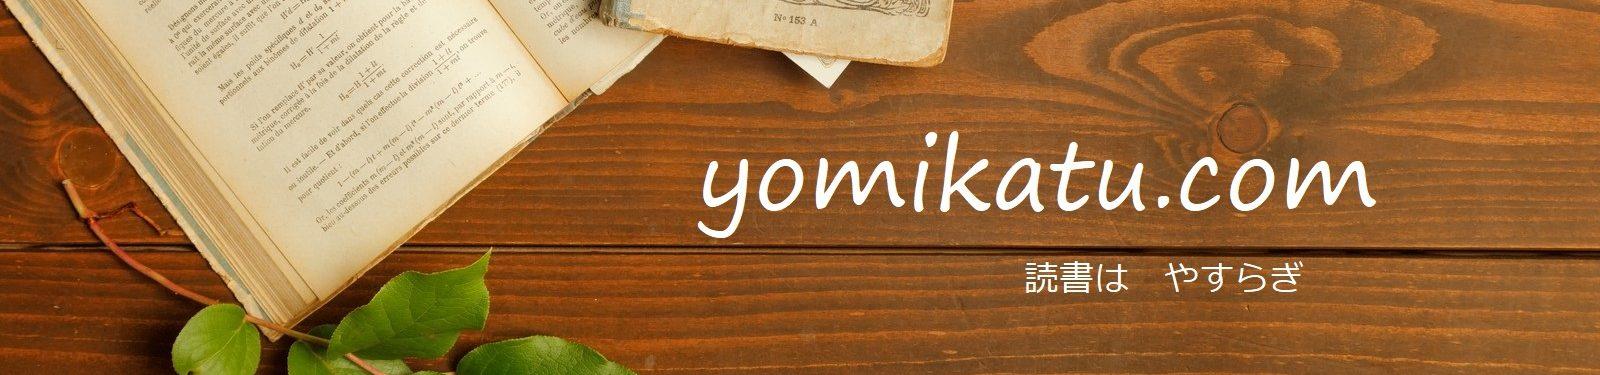 yomikatu